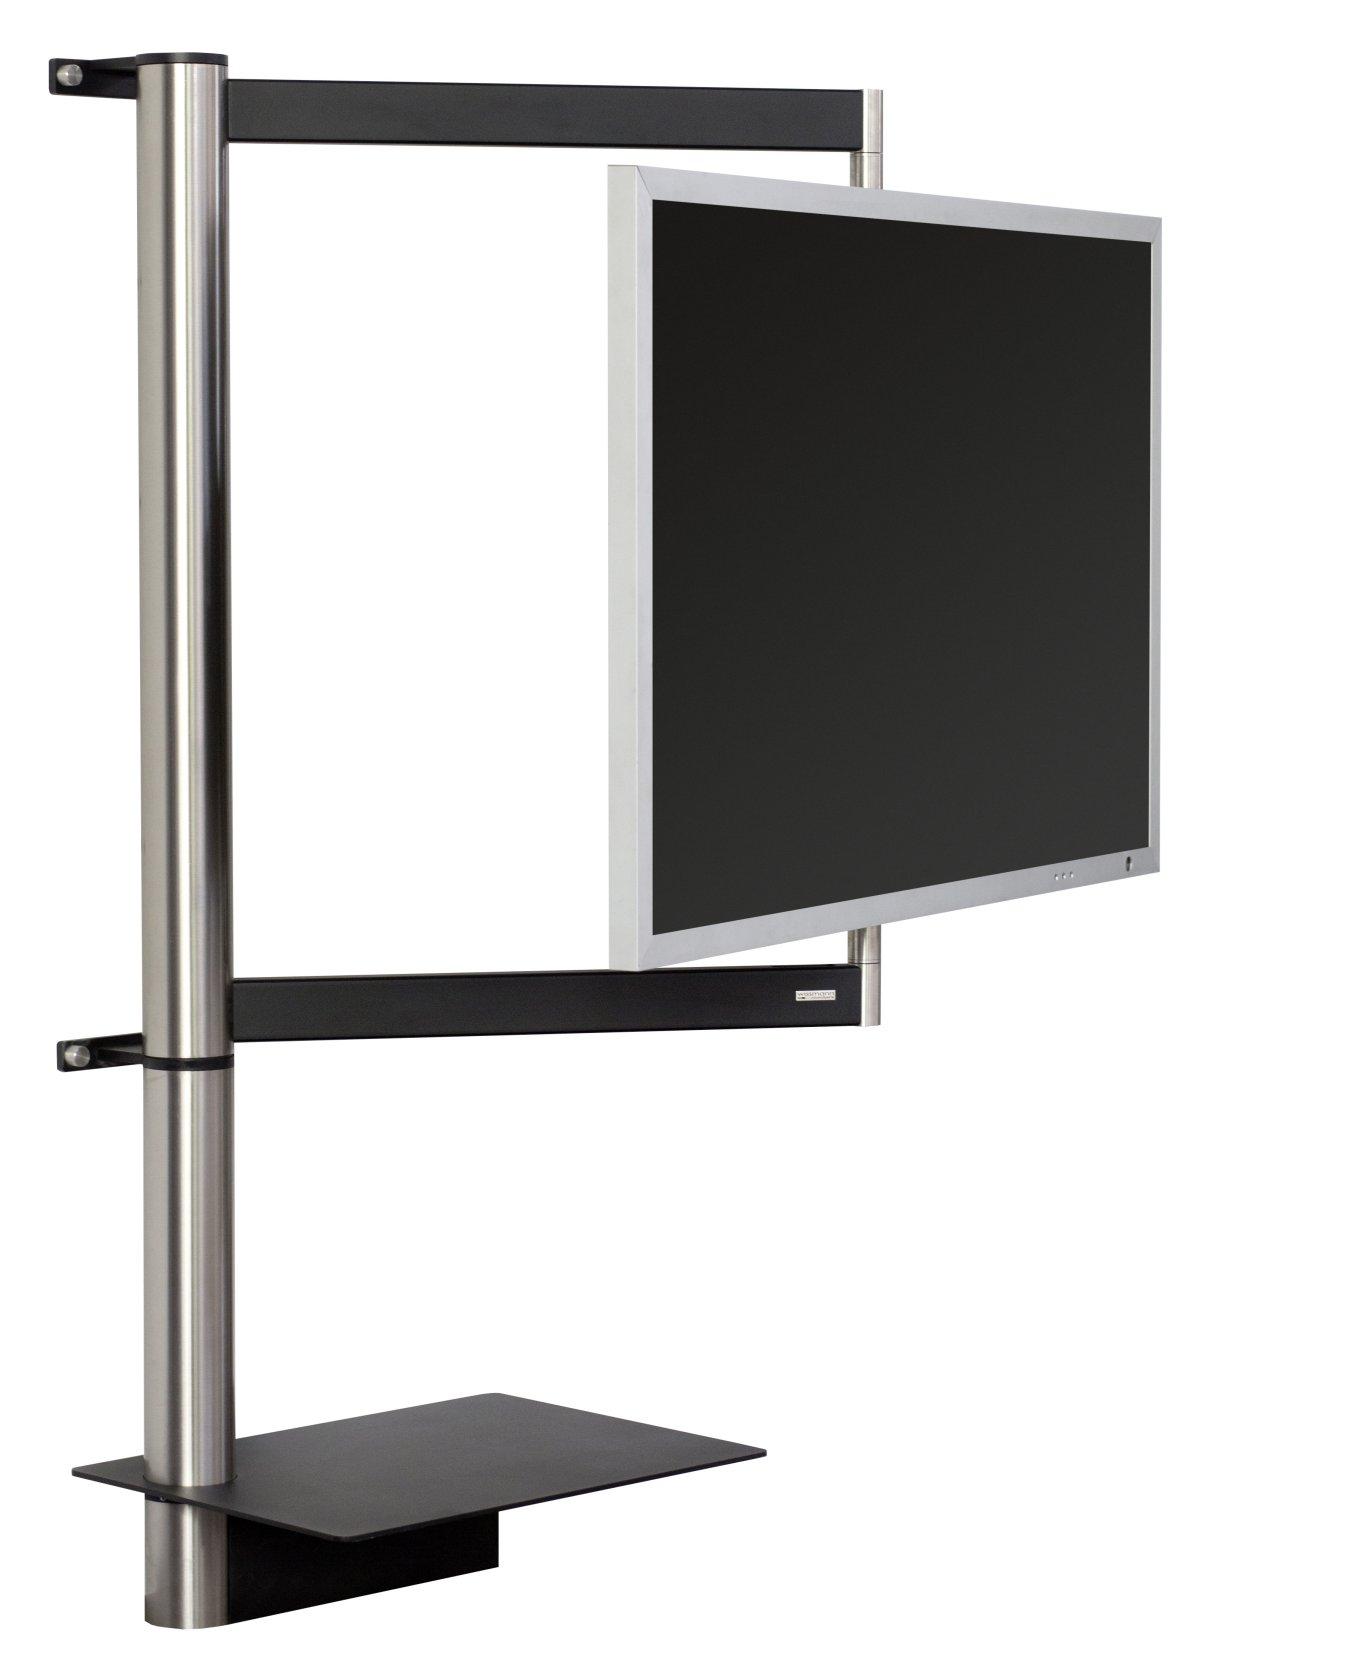 Frei drehbare flatscreen wandhalterung querstreben wandhalterungen und fachboden f r receiver - Wandhalterung tv und receiver ...